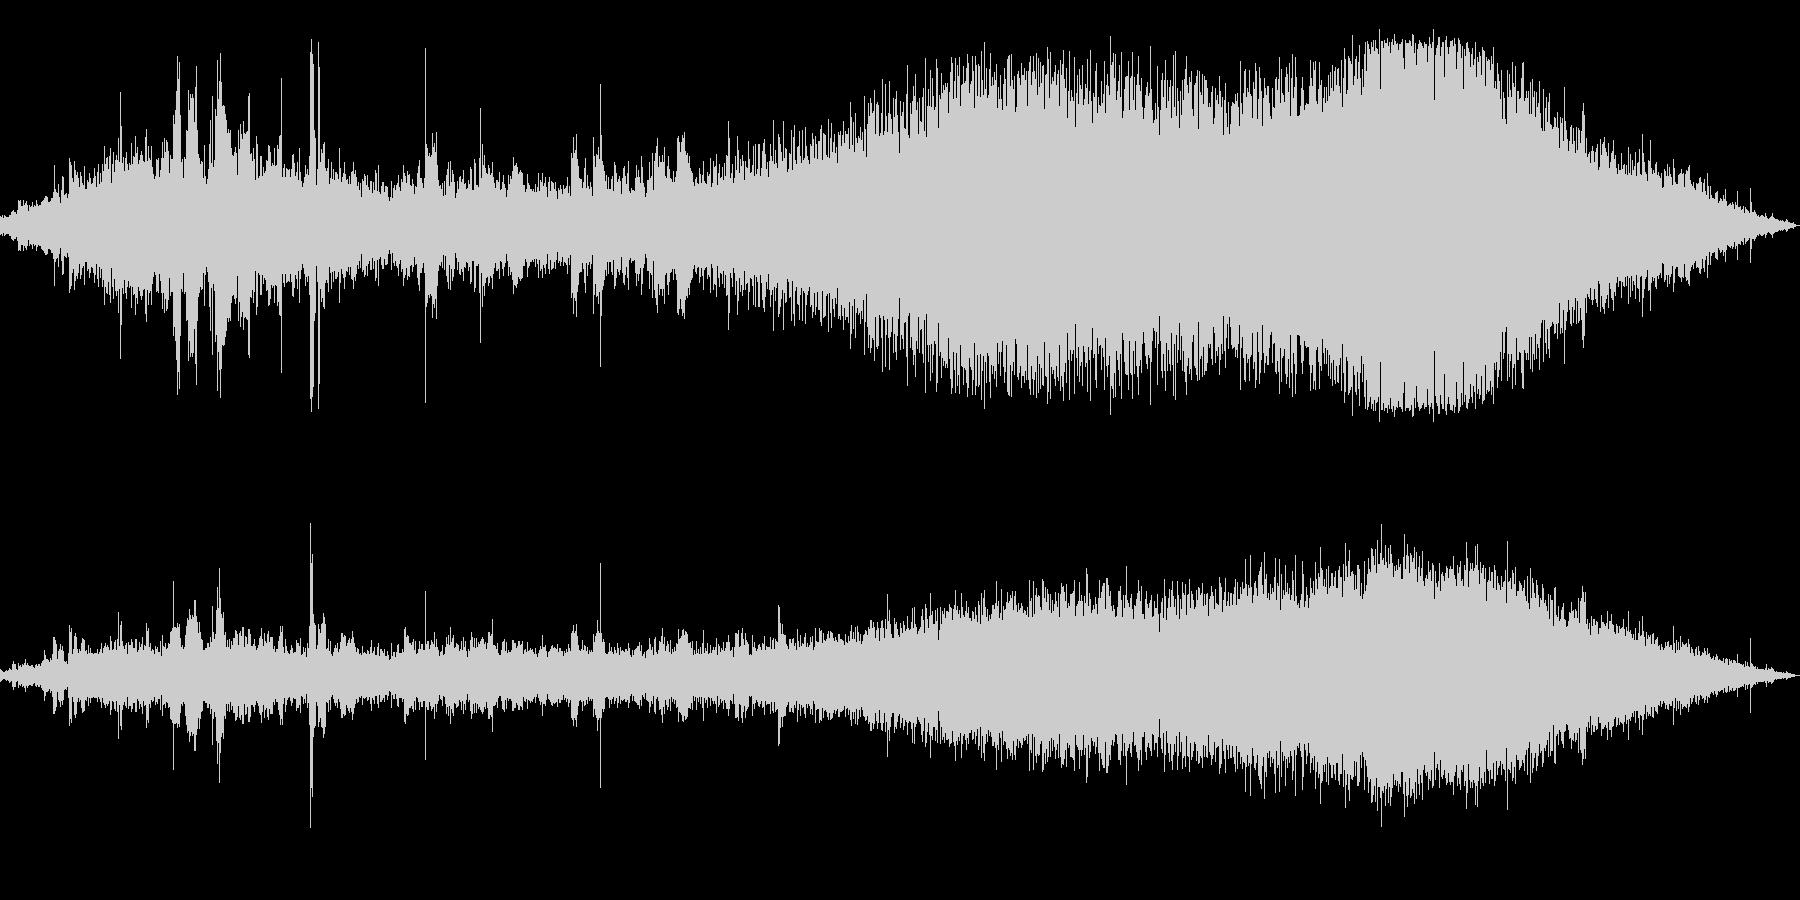 カッコウカッコウ(信号待ちの交差点)の未再生の波形